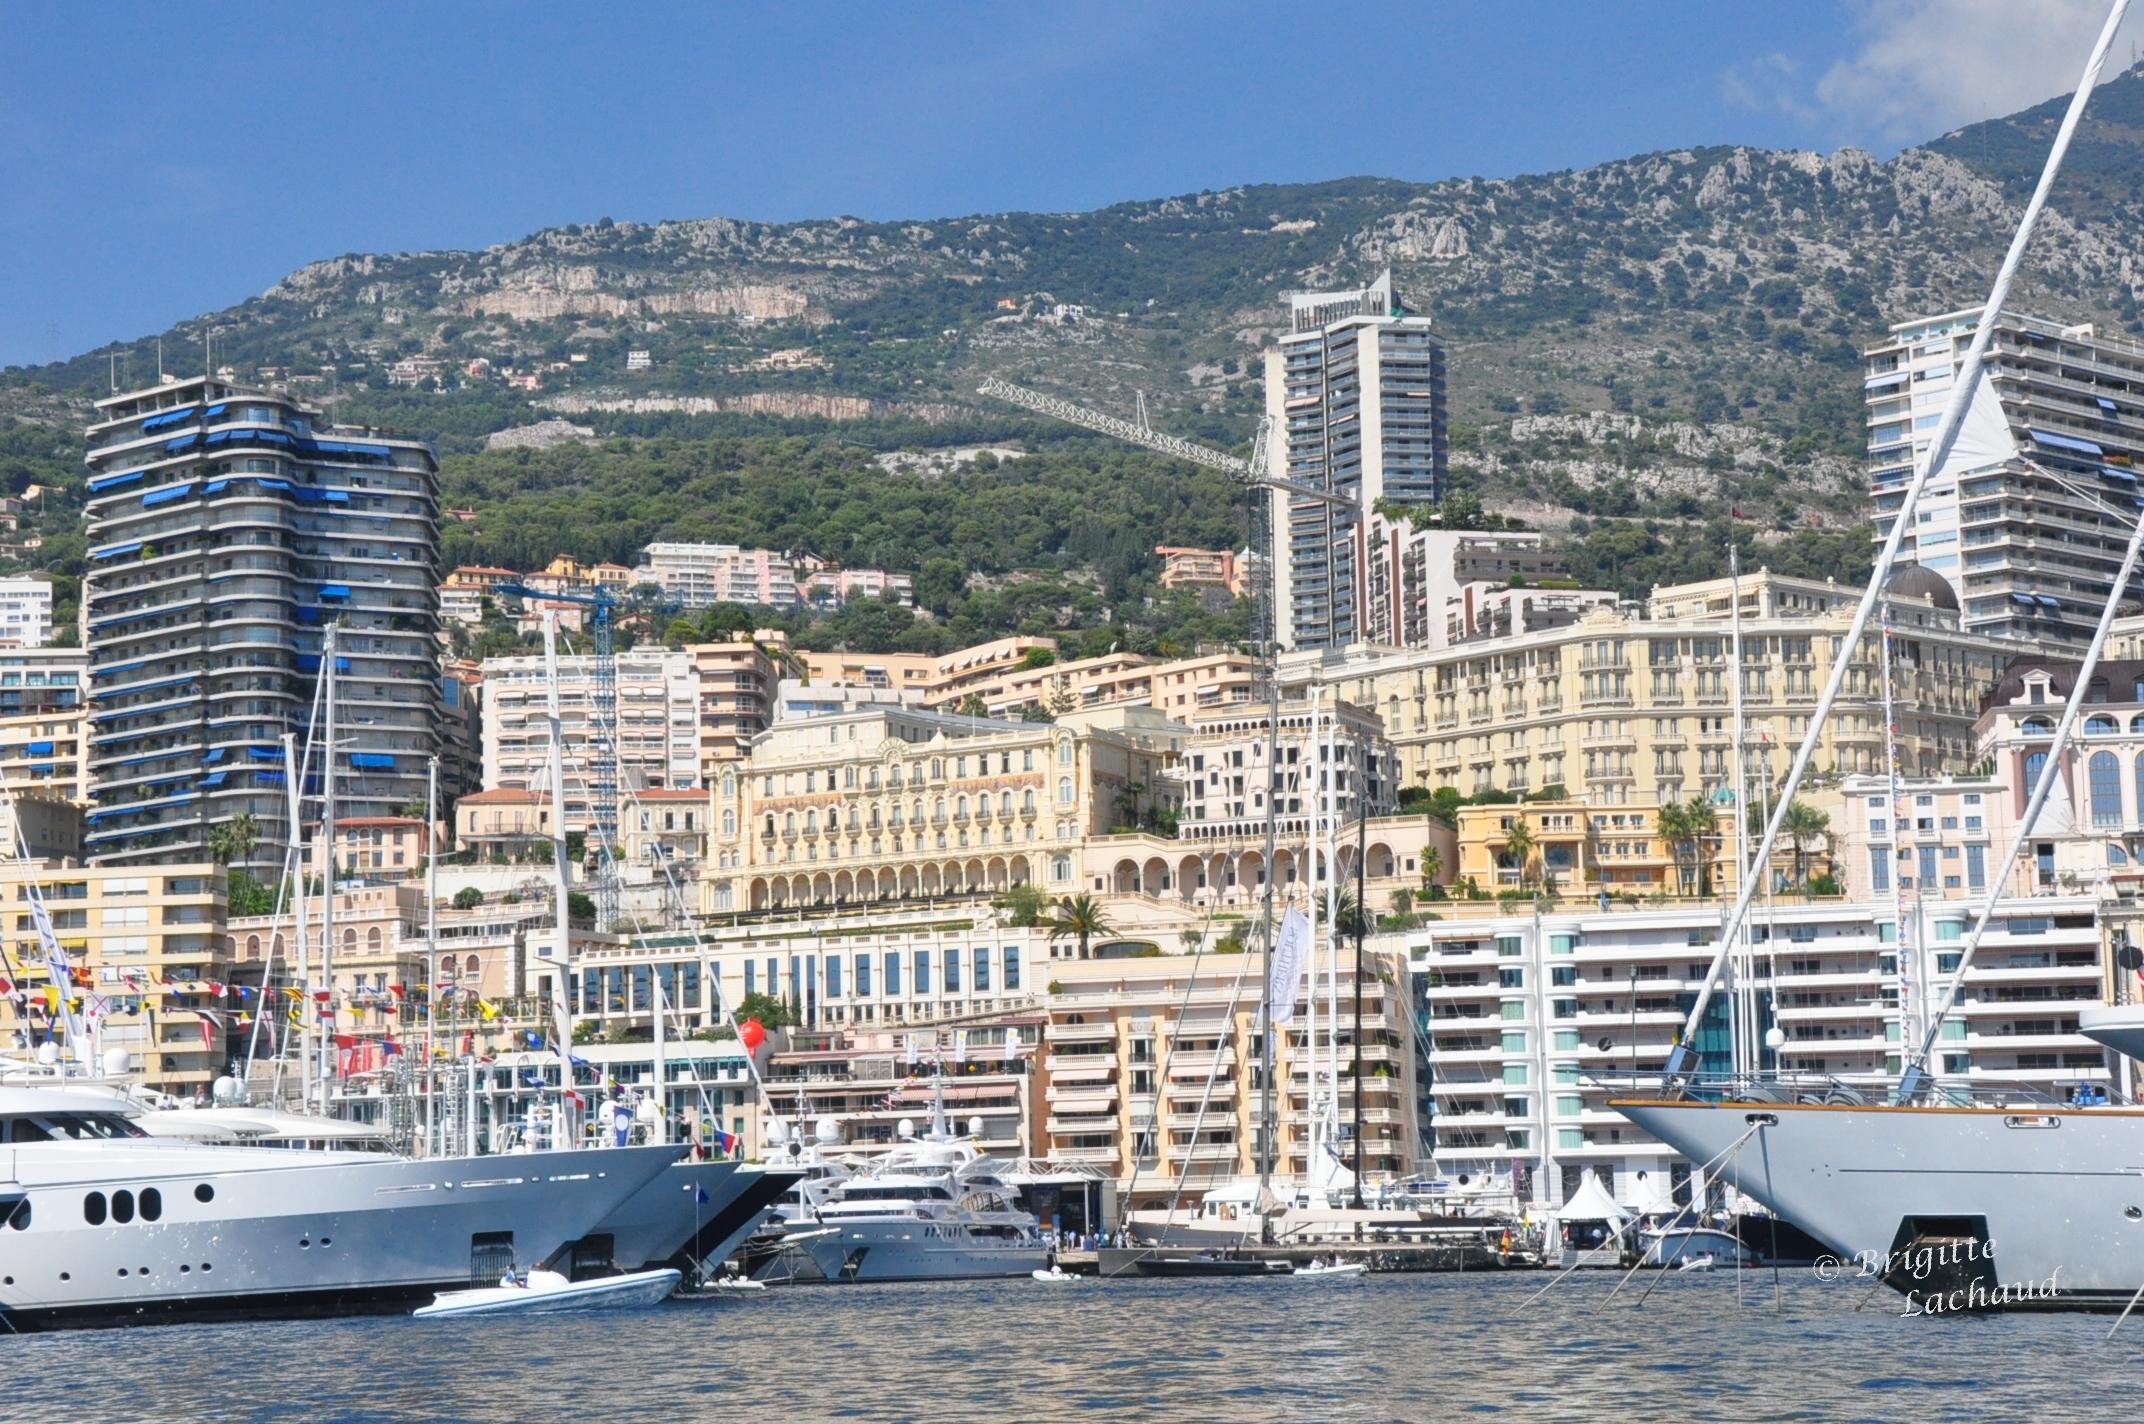 Monaco yacht show 10 BL 456